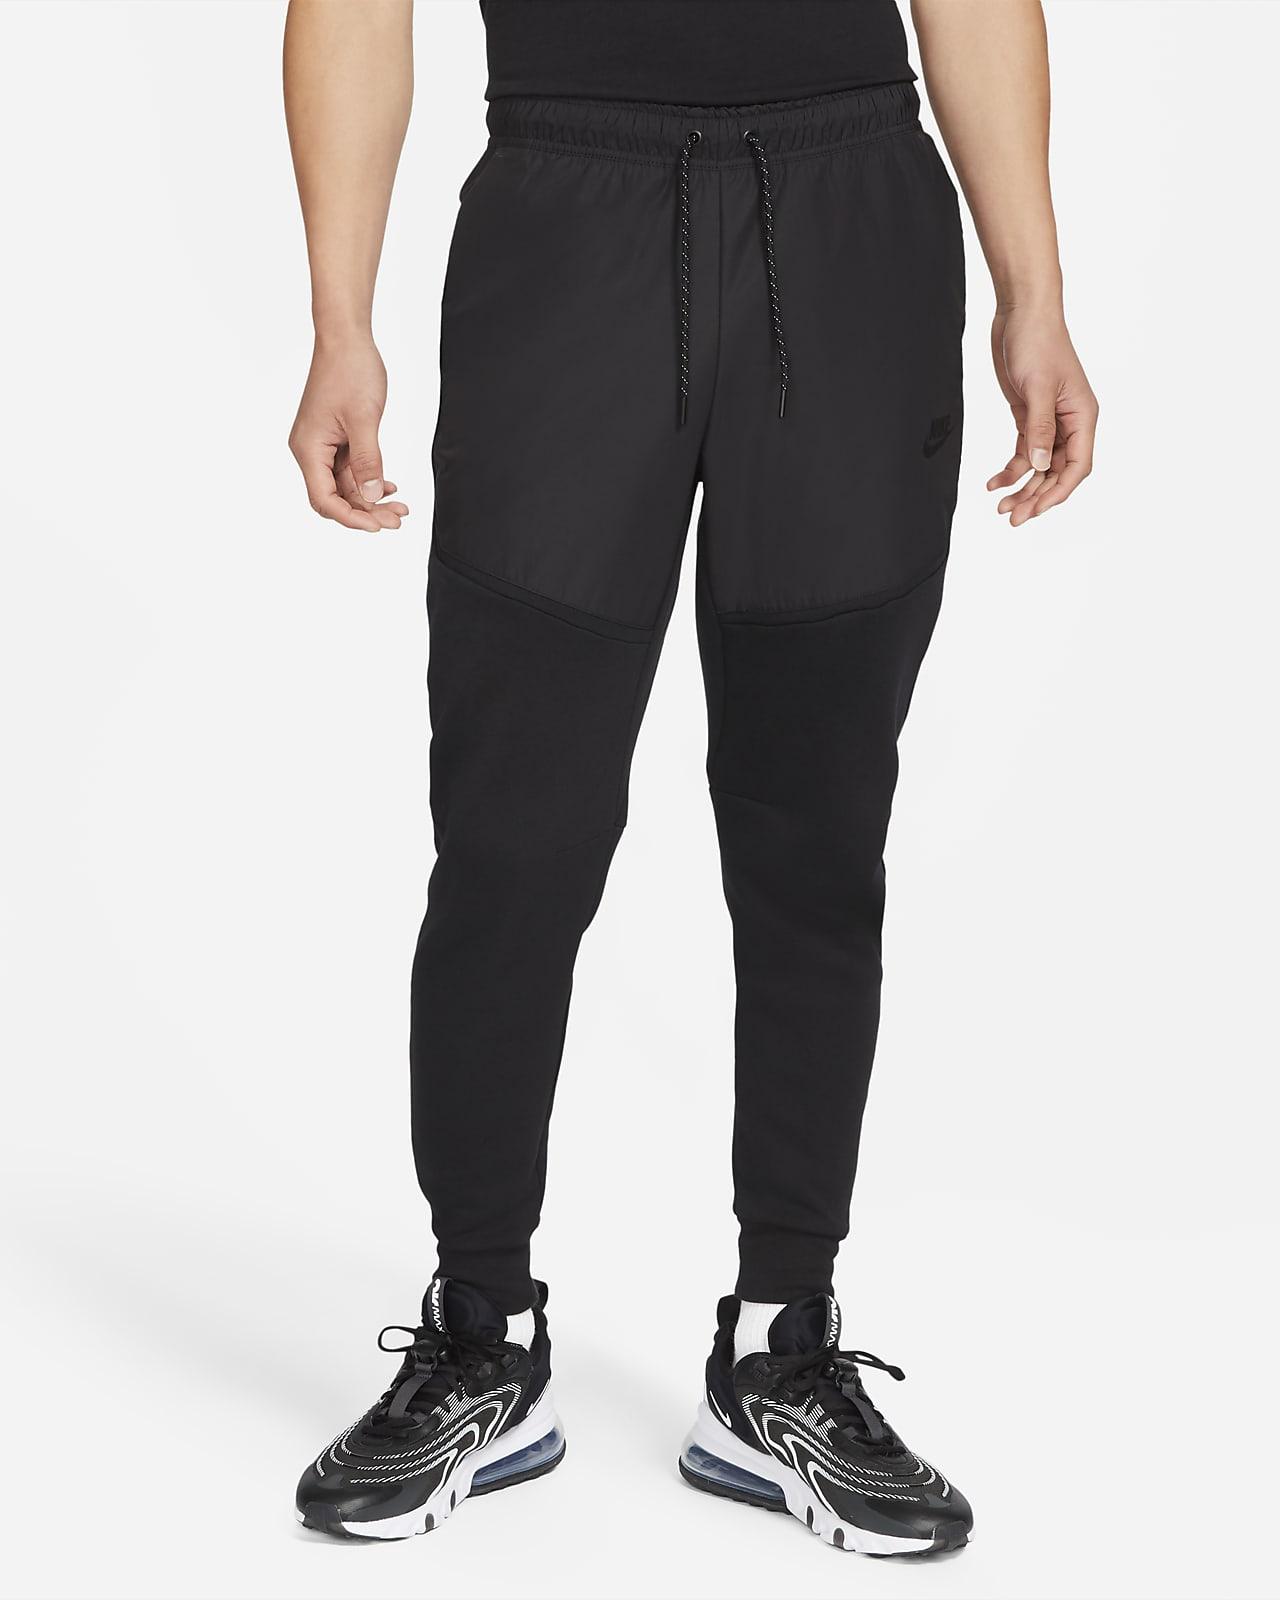 Nike Sportswear 男款 Tech Fleece 慢跑長褲